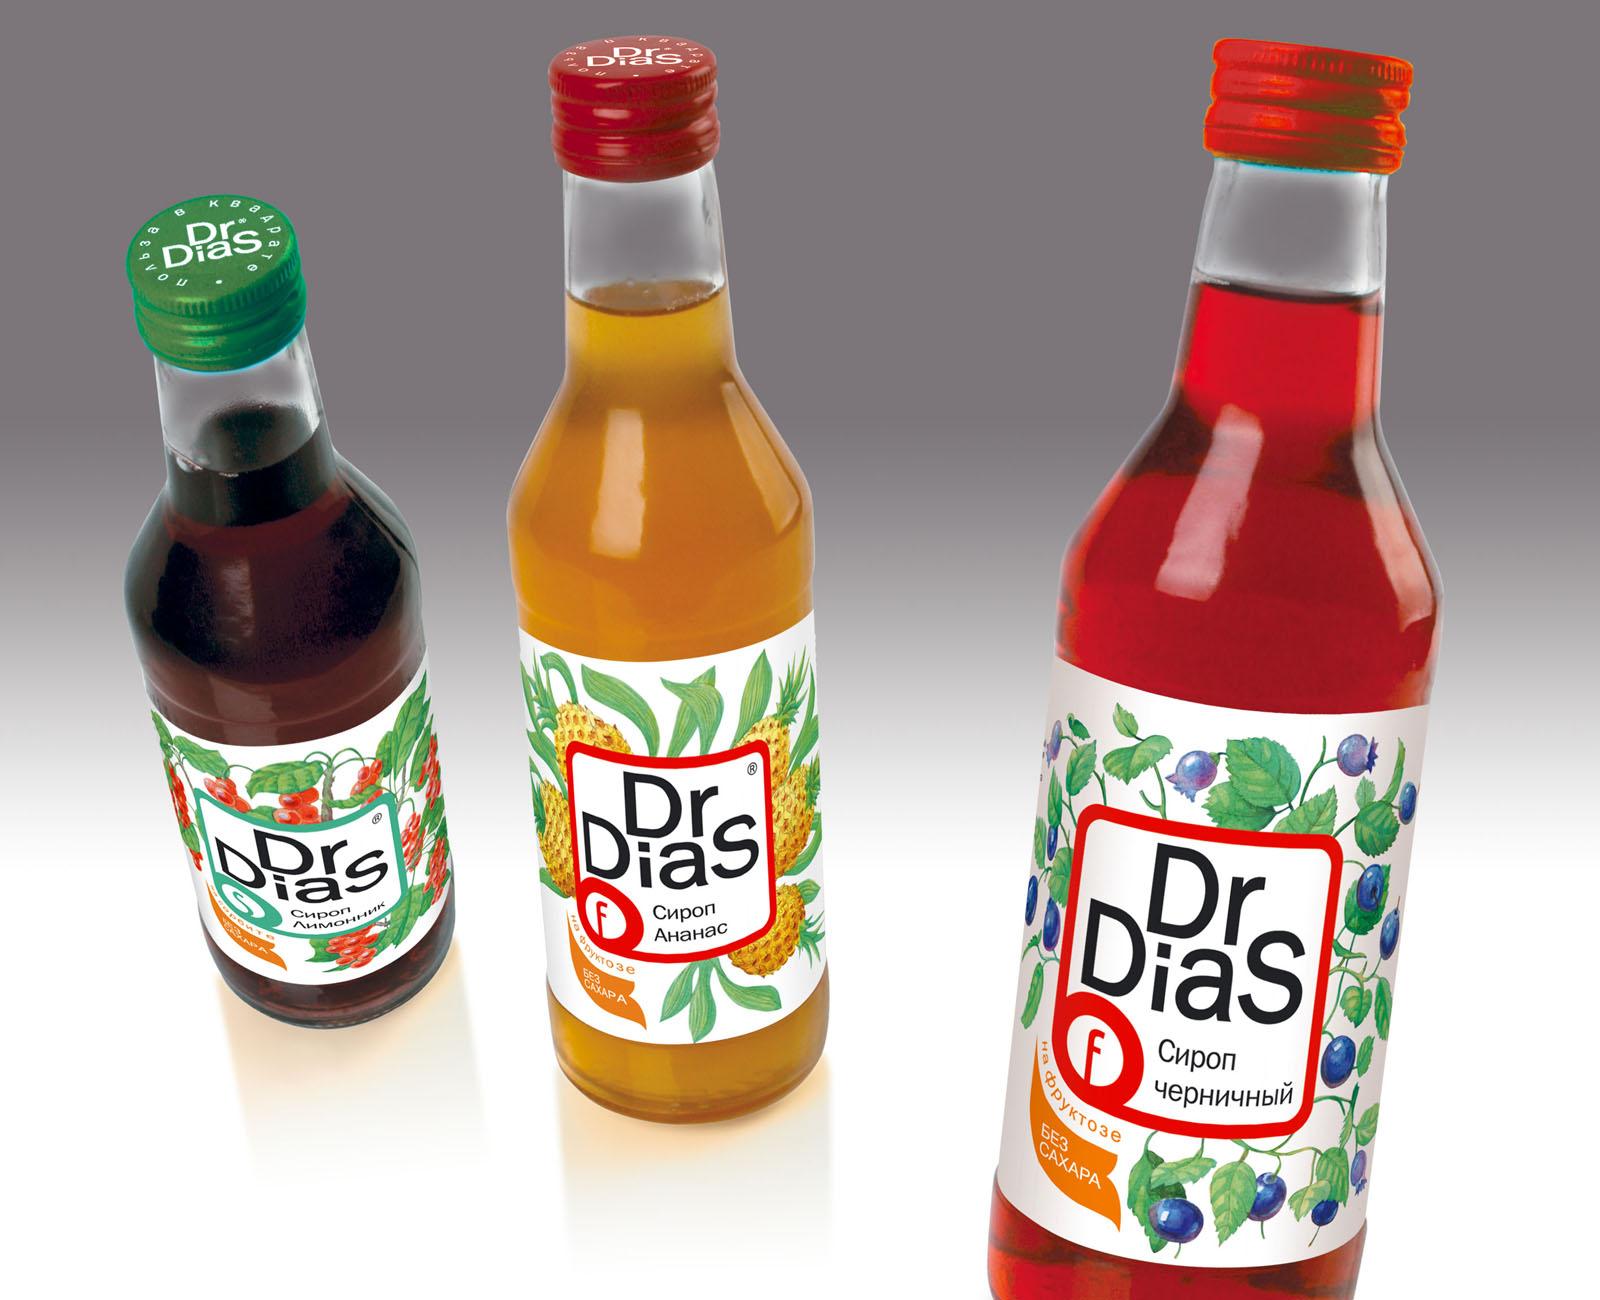 DrDias_3sir